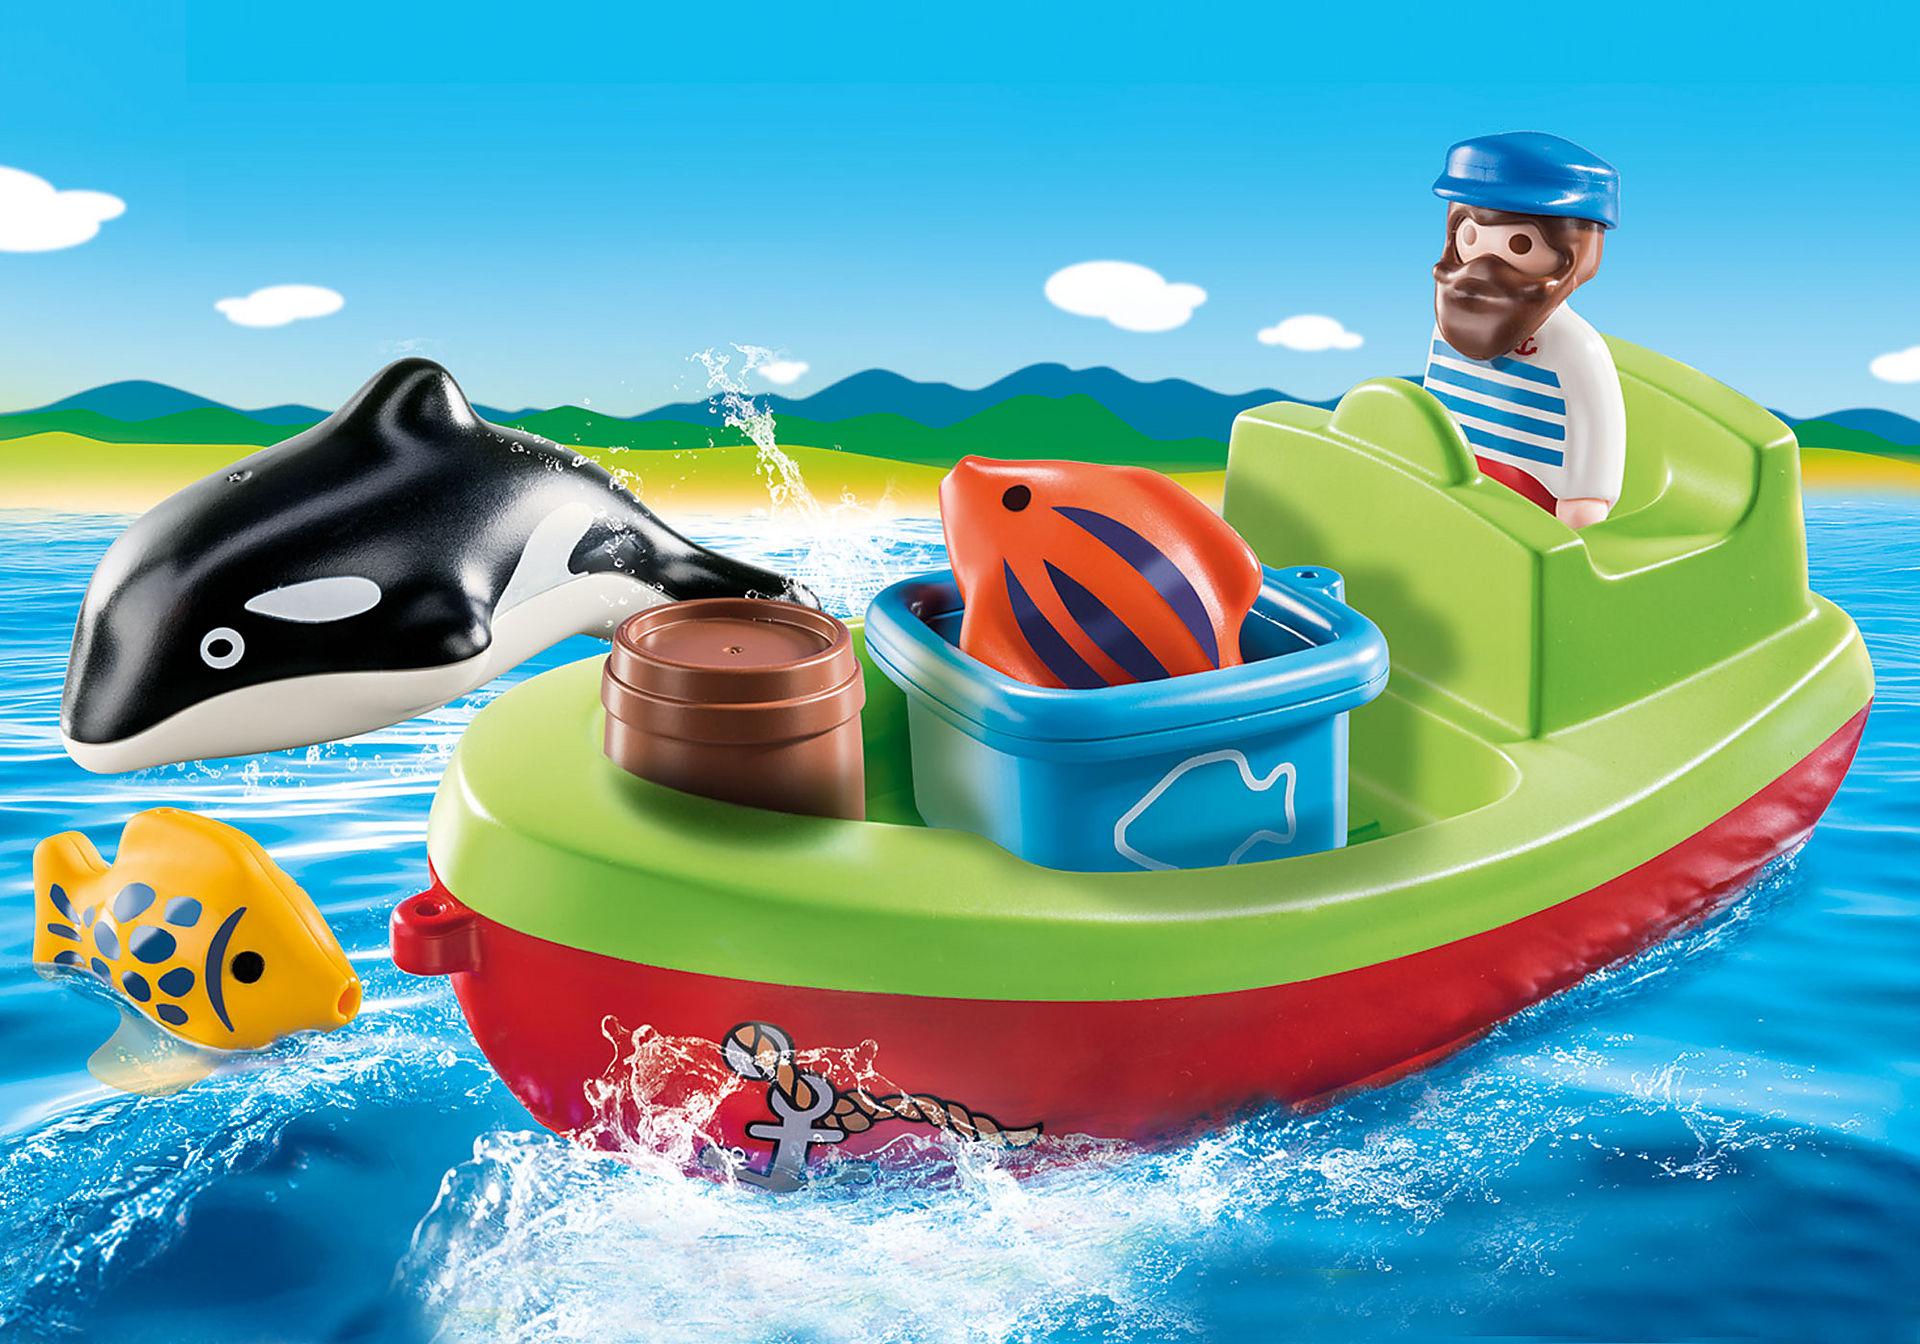 70183 1.2.3 Marinheiro com Barco de Pesca zoom image1